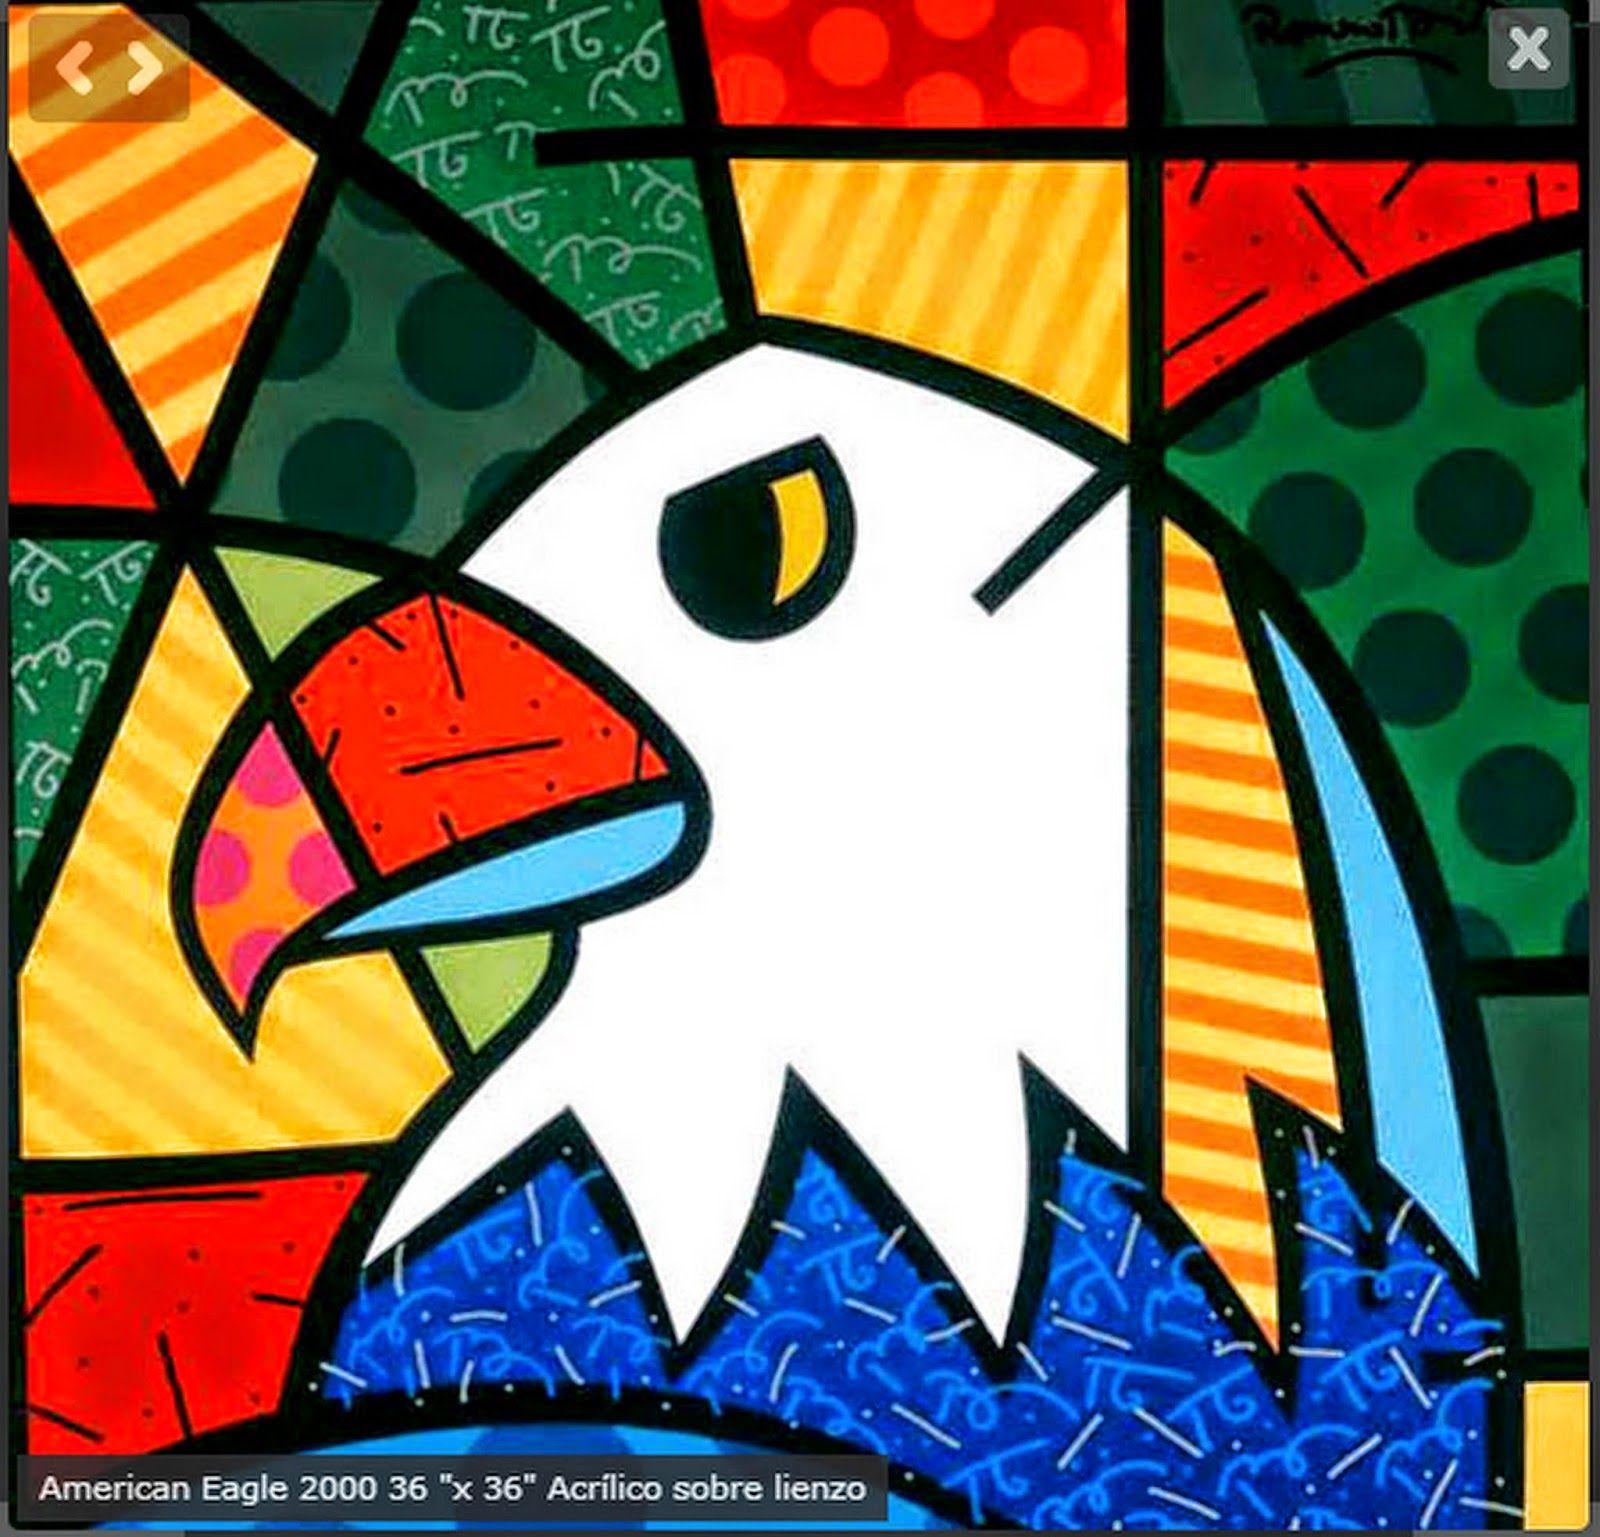 imagenes de pinturas abstractas faciles para nios buscar con google